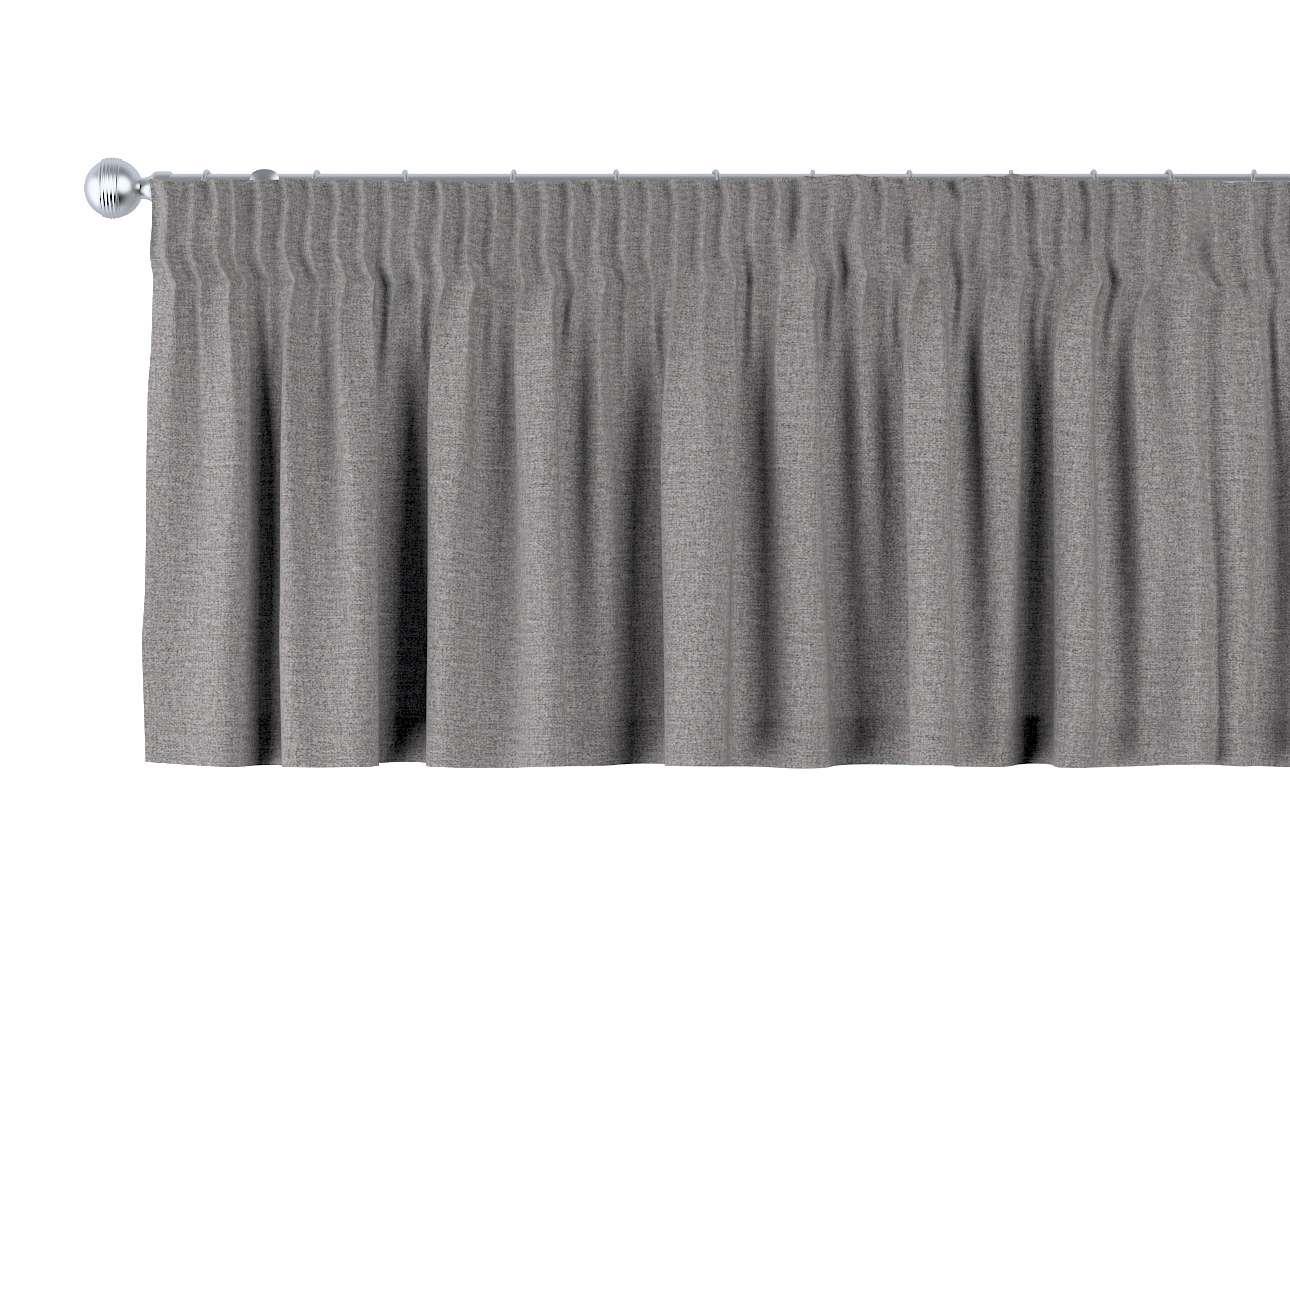 Gardinkappa med rynkband i kollektionen Edinburgh, Tyg: 115-81